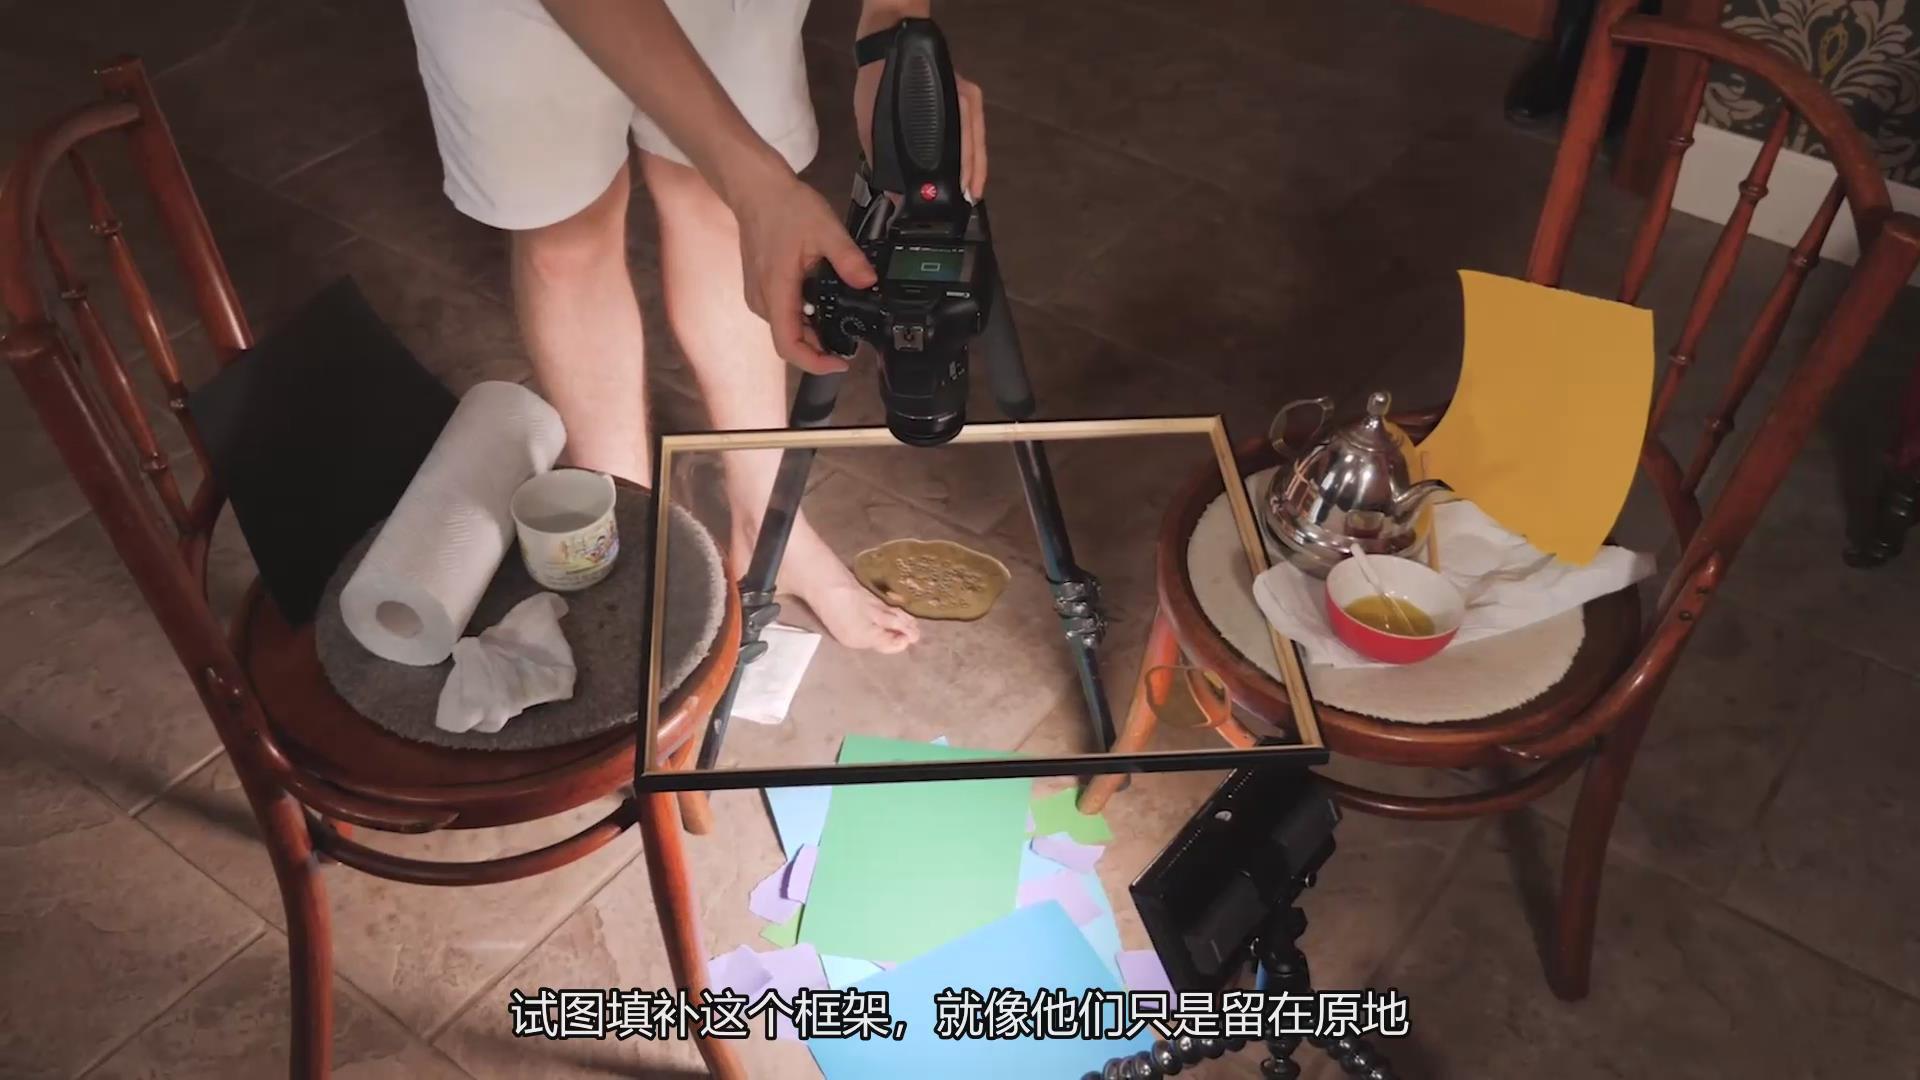 摄影教程_JOSHUA DUNLOP-30天创意摄影产品项目视频课程-中文字幕 摄影教程 _预览图5